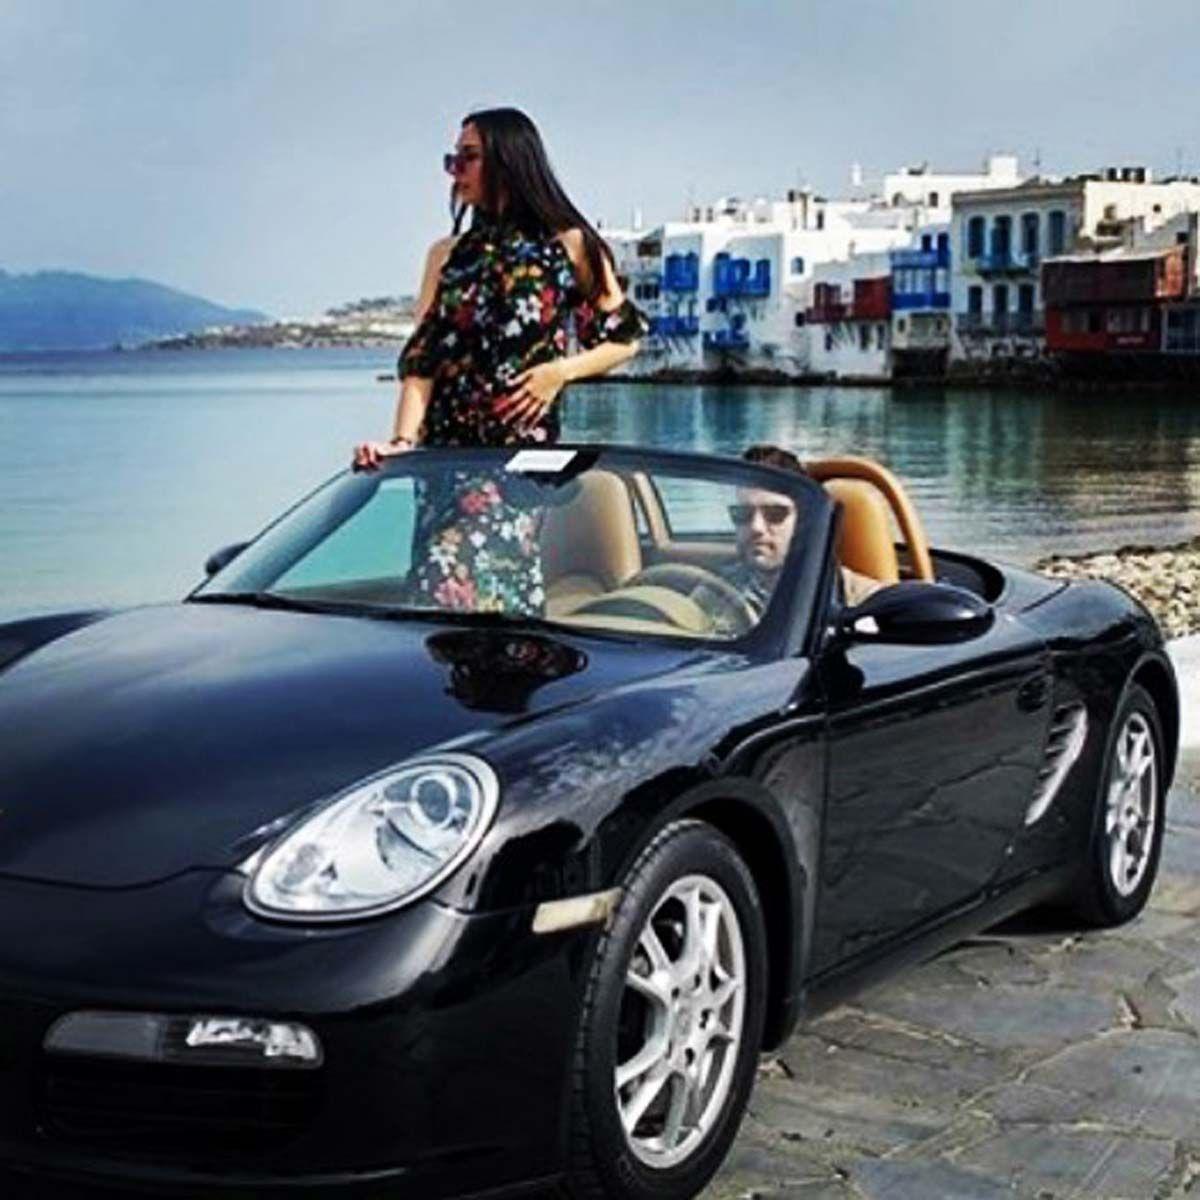 Car Rental Services Luxury Car Rental In Mykonos Island Car Rental Service Luxury Car Rental Car Rental